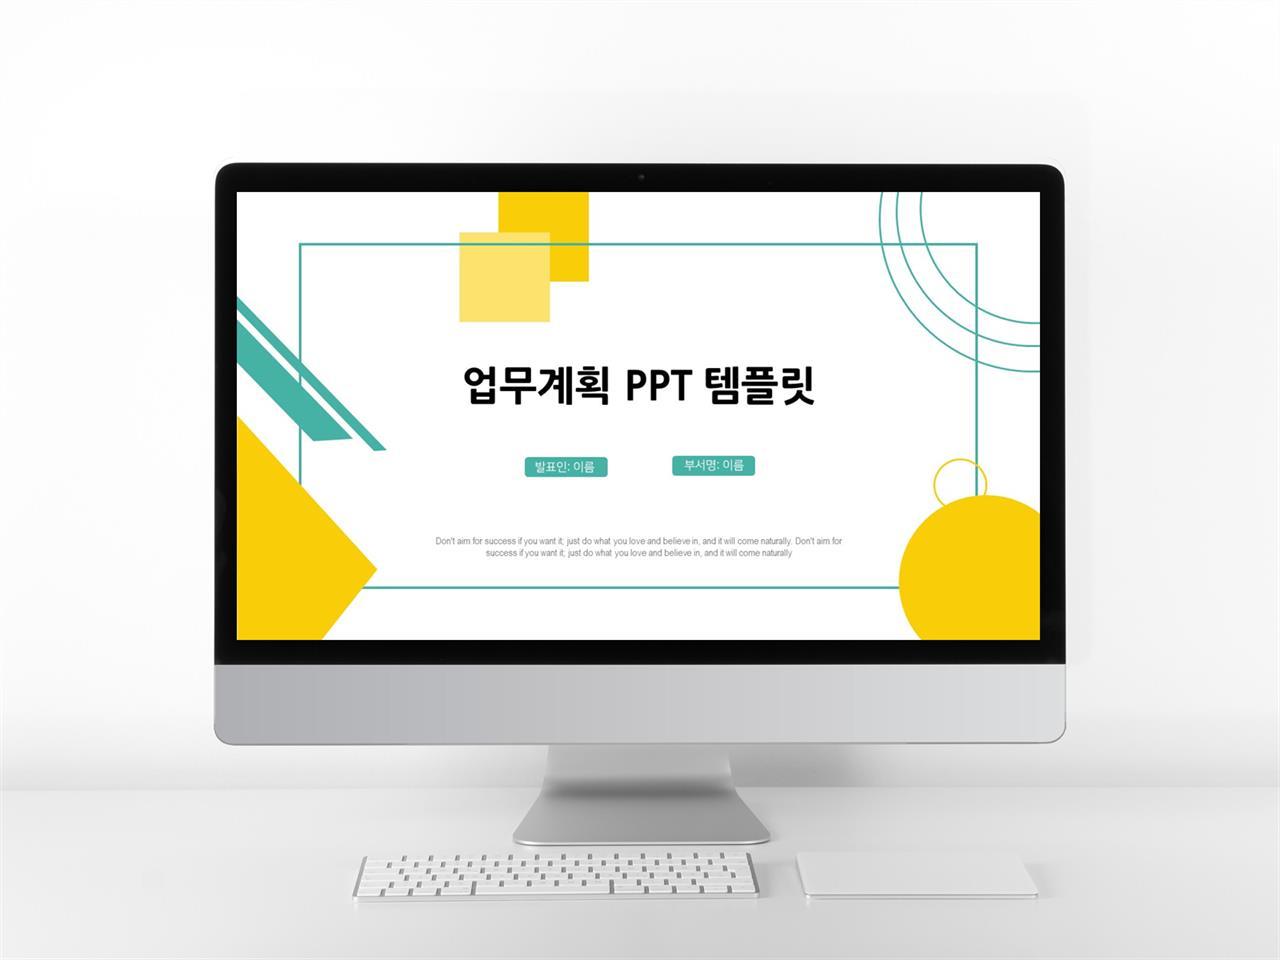 업무관리 노랑색 알뜰한 발표용 파워포인트샘플 다운 미리보기